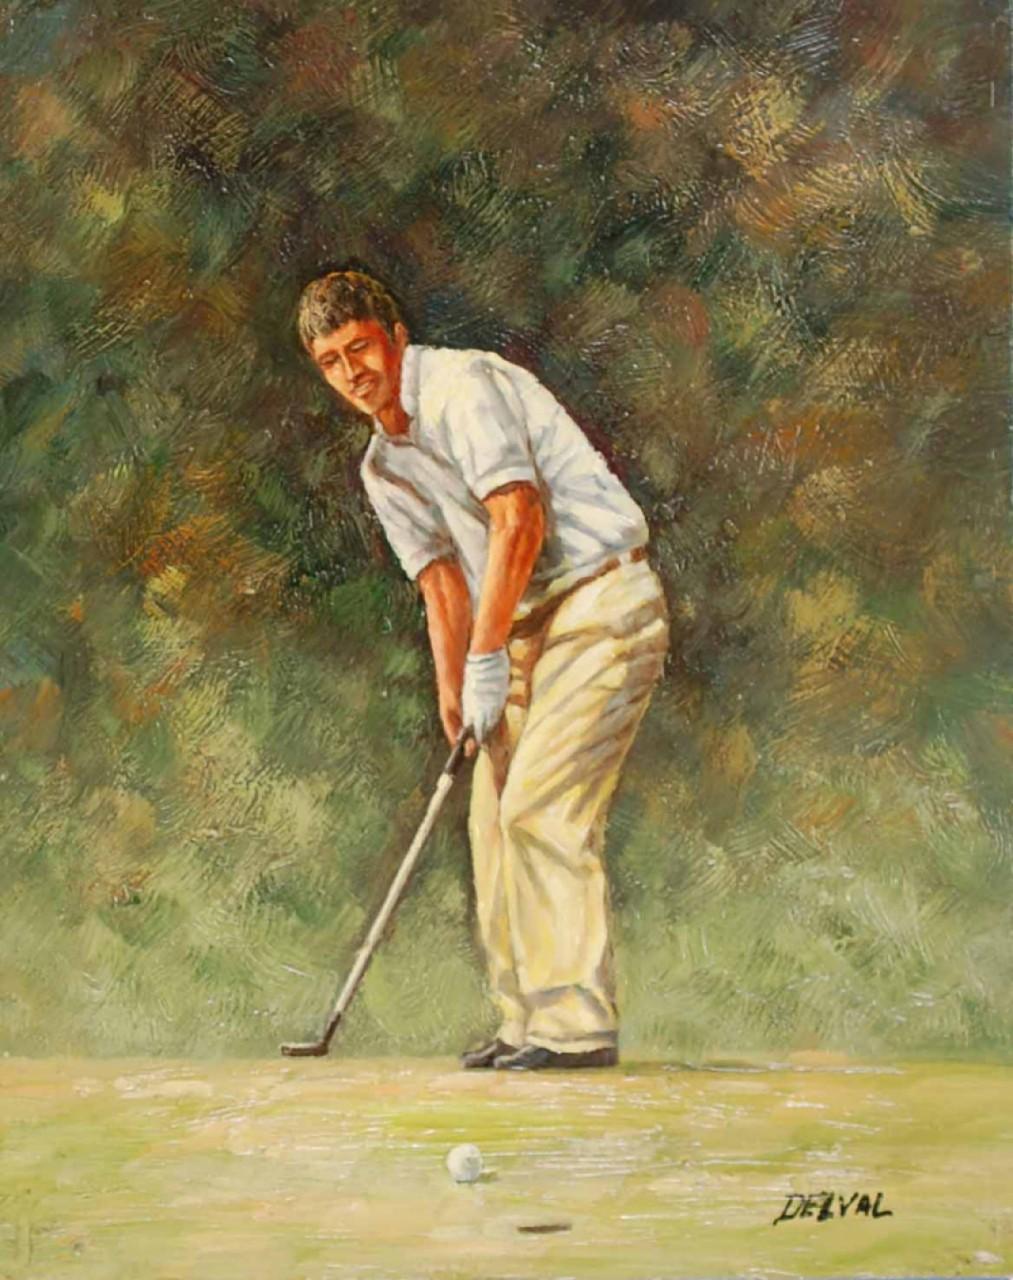 golfeur proche du trou